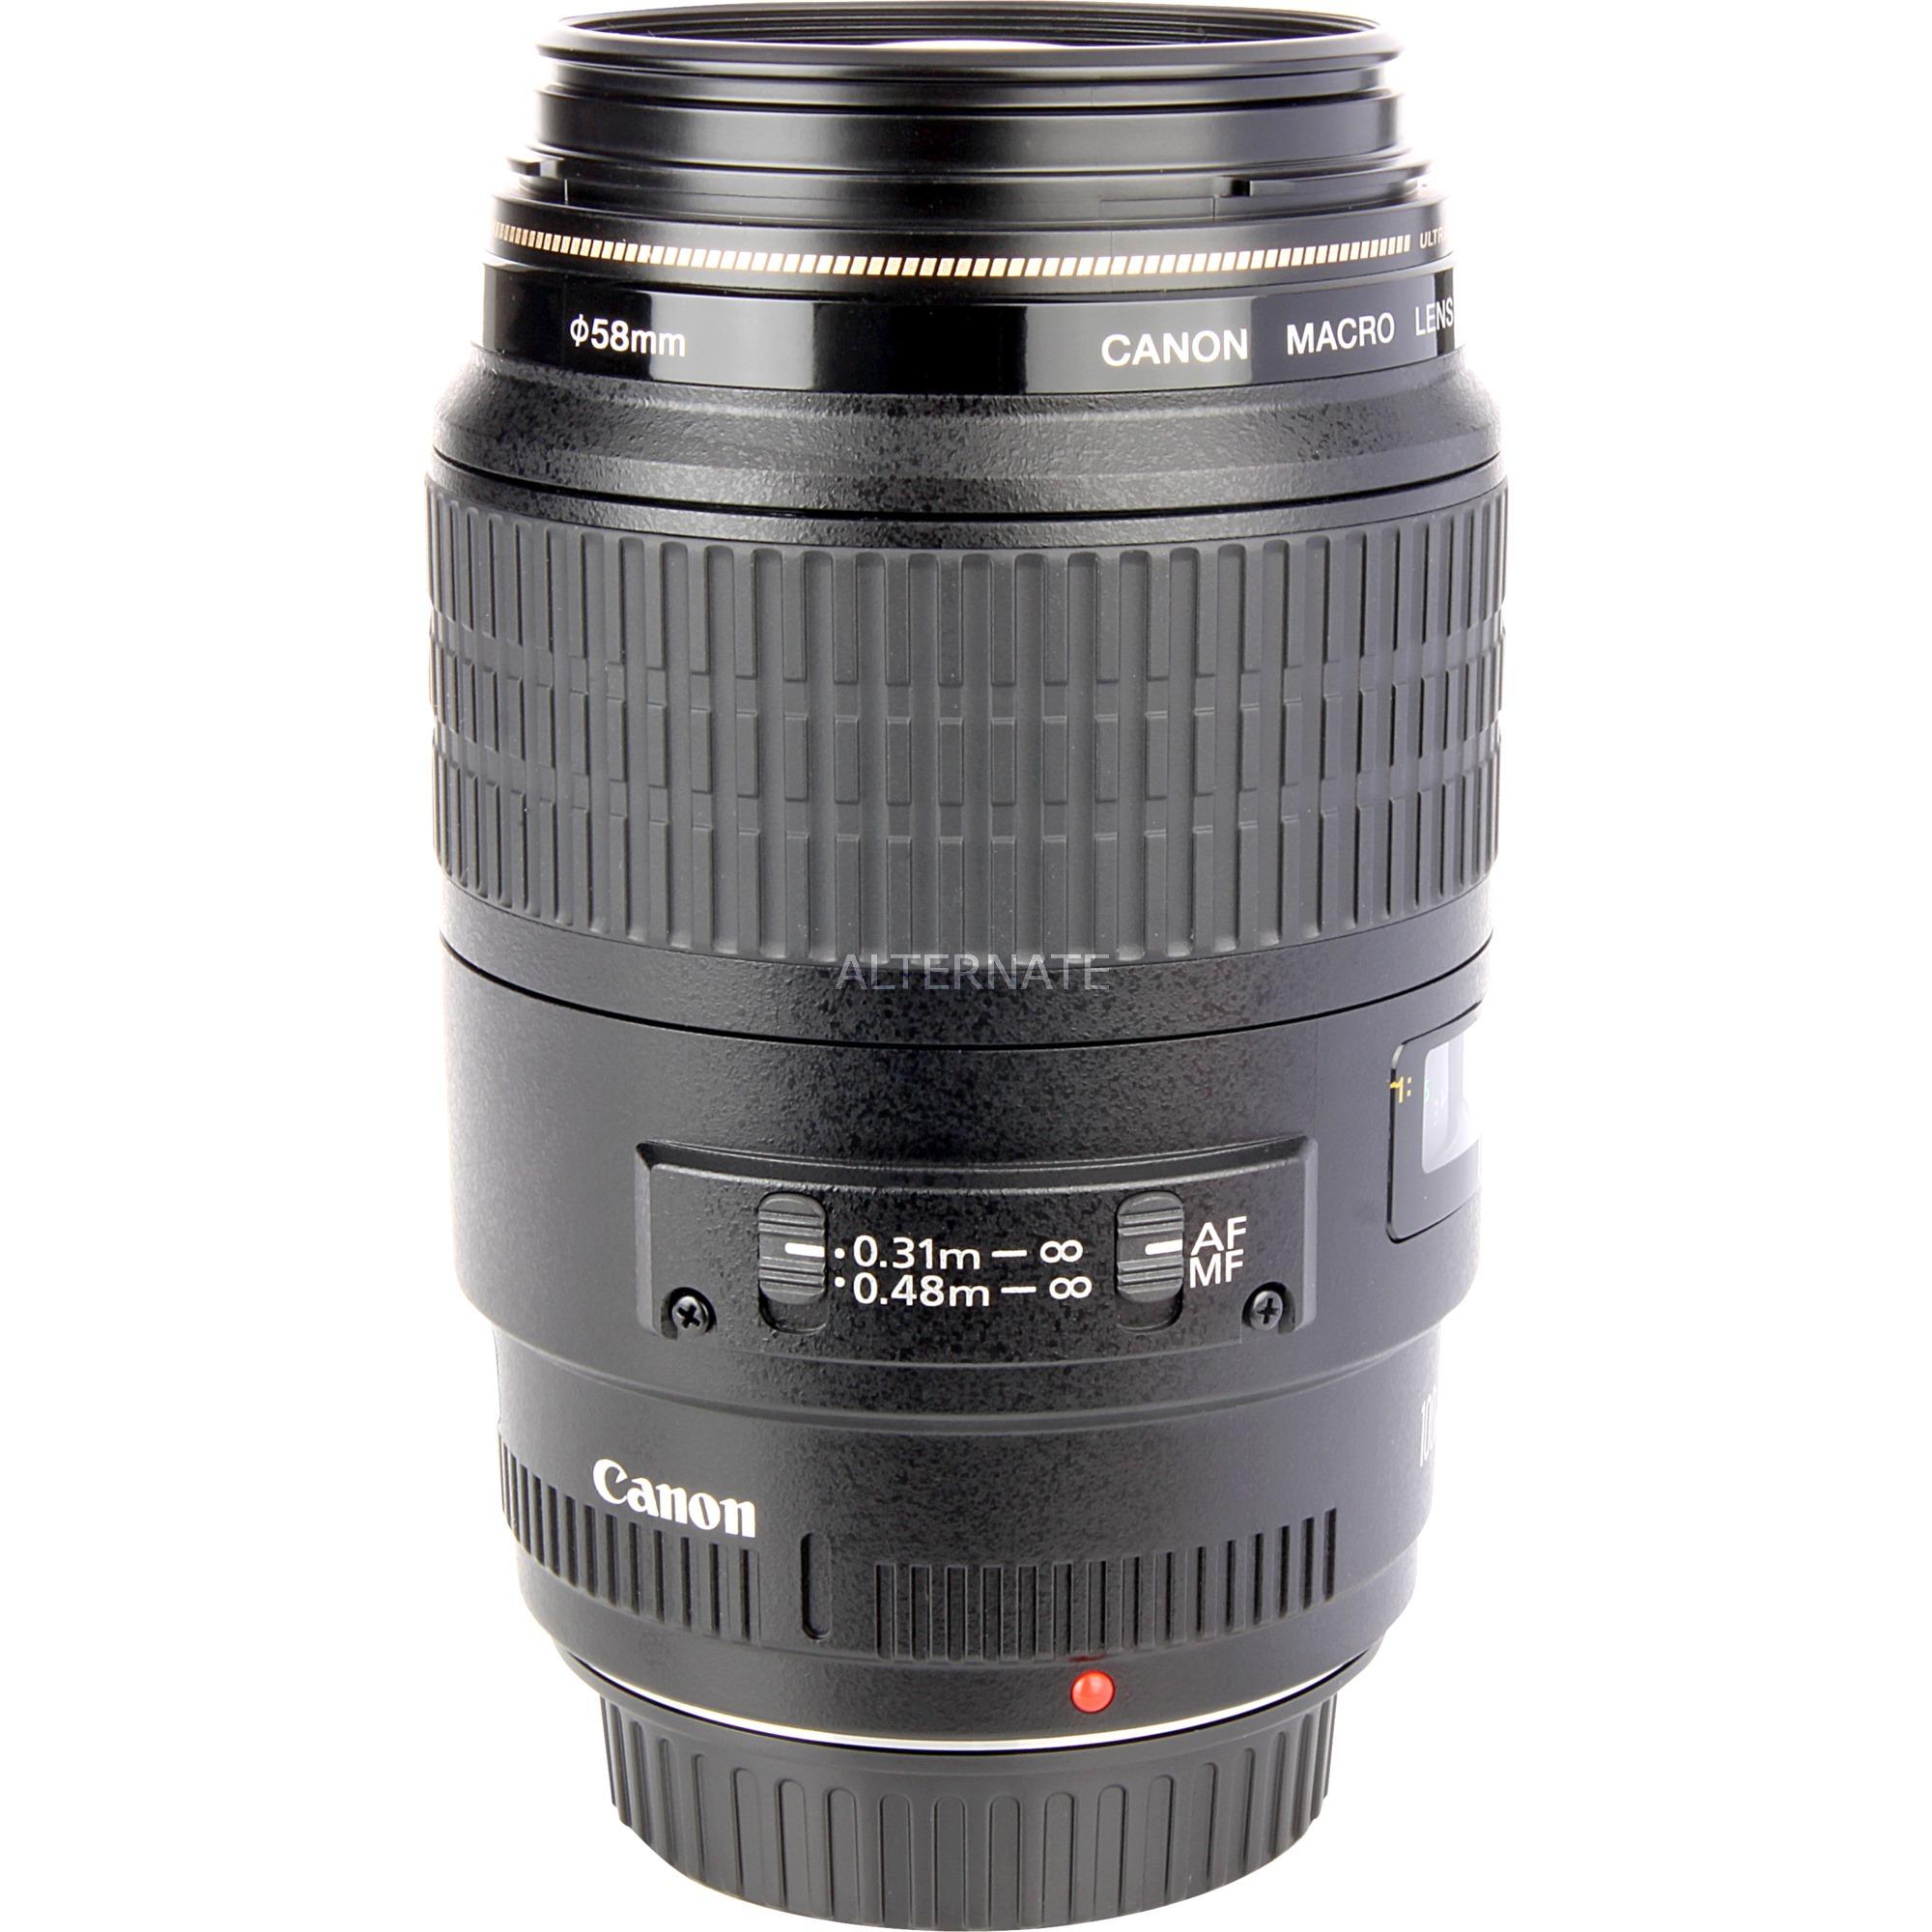 EF 100mm f/2.8 Macro USM SLR Objectif macro Noir, Lentille